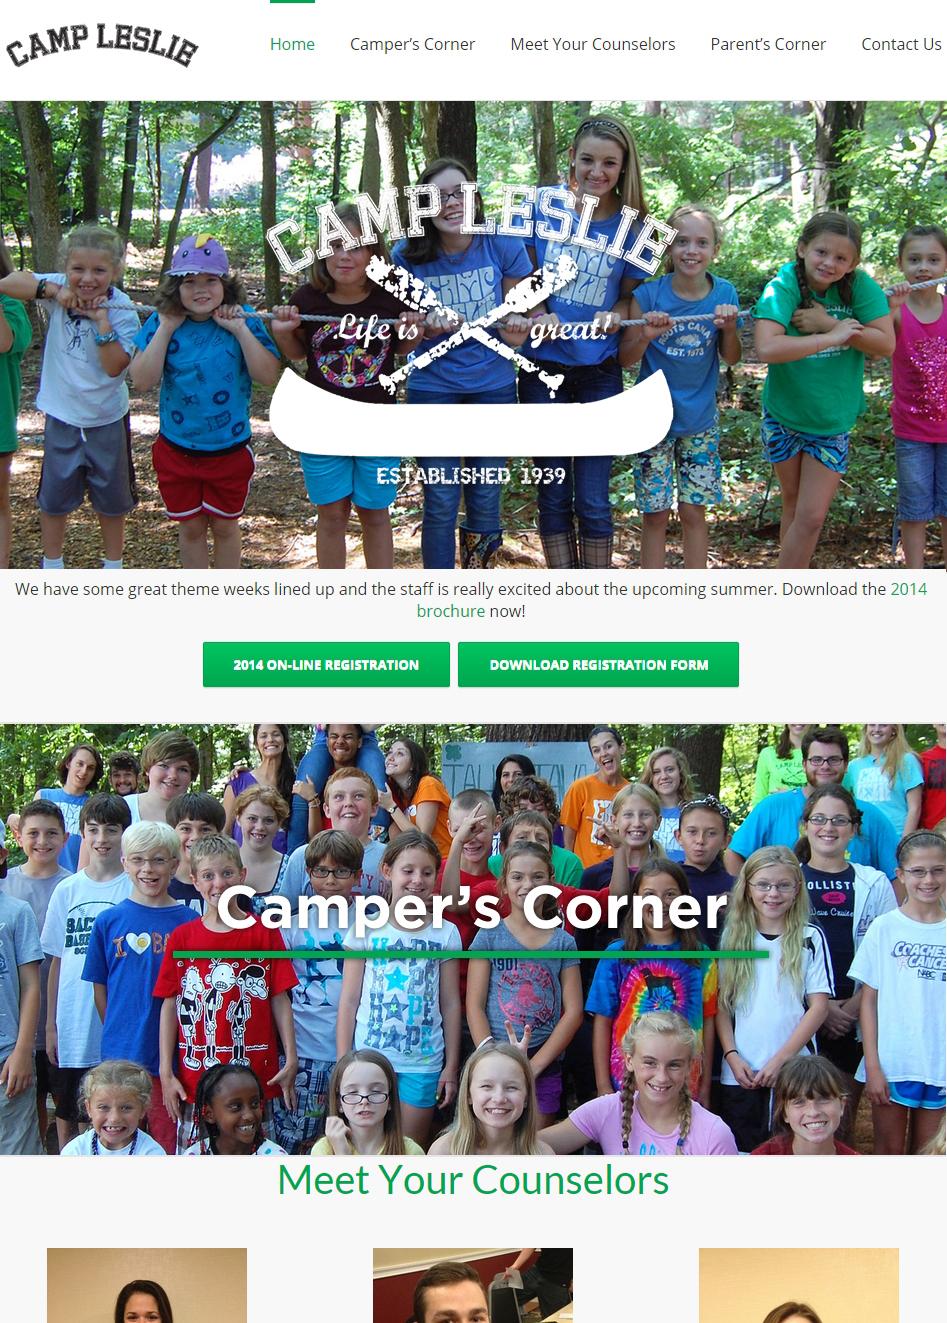 Camp Leslie - Website